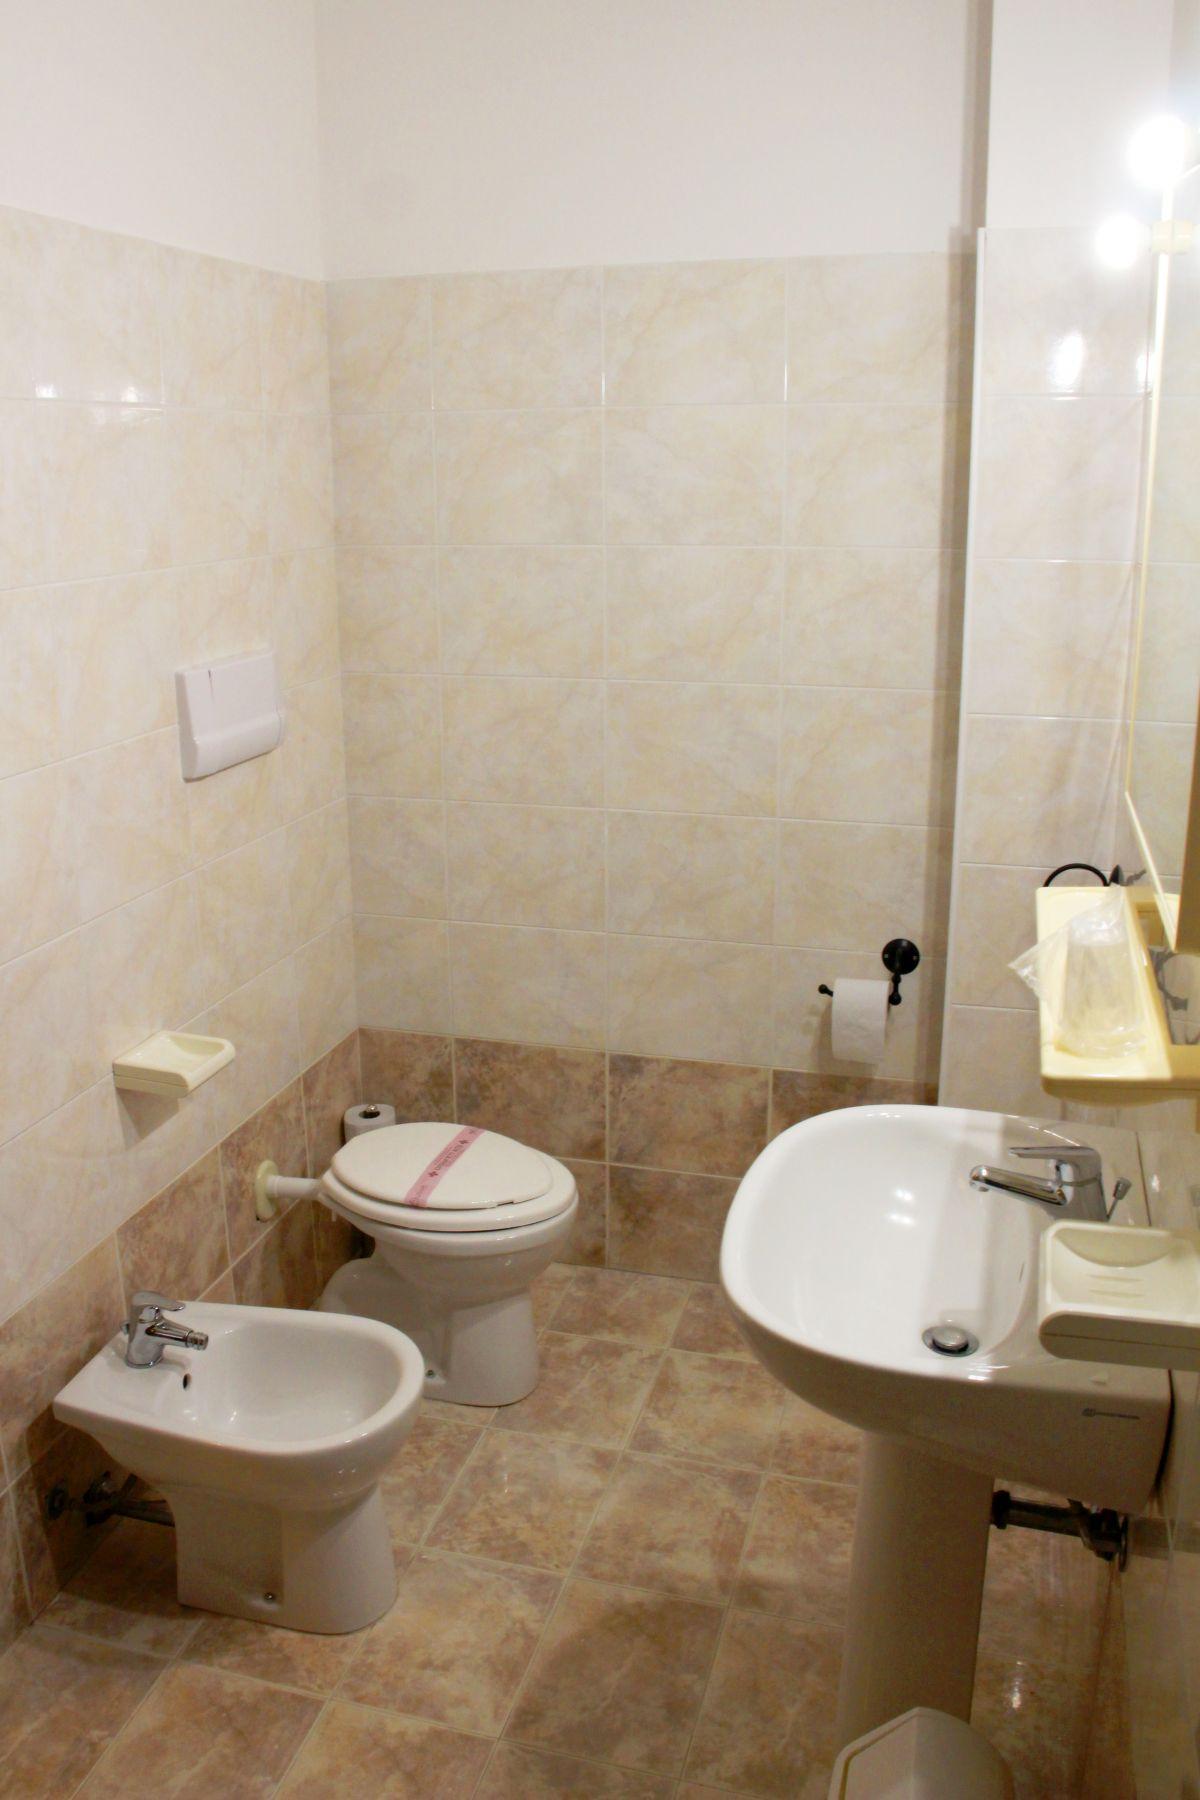 galleria immagini-hostel-il-tetto-ostello-alloggio-camera-vacanza-dormire-melfi-potenza-basilicata (42)